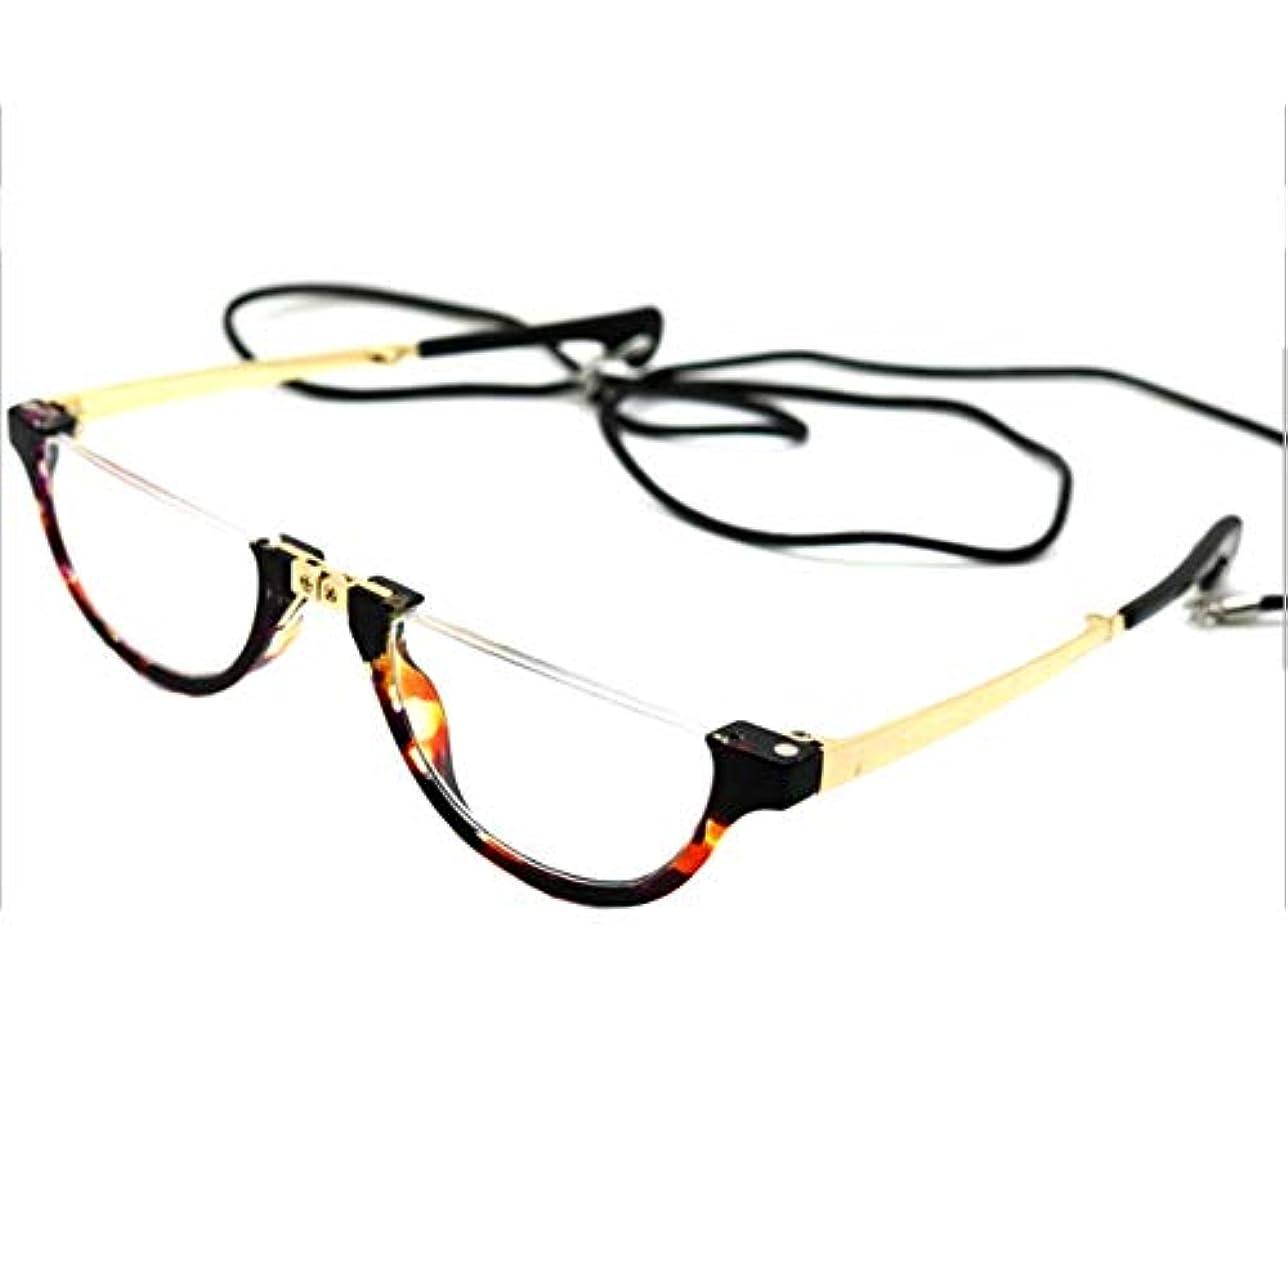 海峡恩赦めったに女性向けの高級折りたたみ老眼鏡、tr90マグネット超軽量ハーフフレームメガネ、ポータブルメガネ、疲労防止メガネボックス